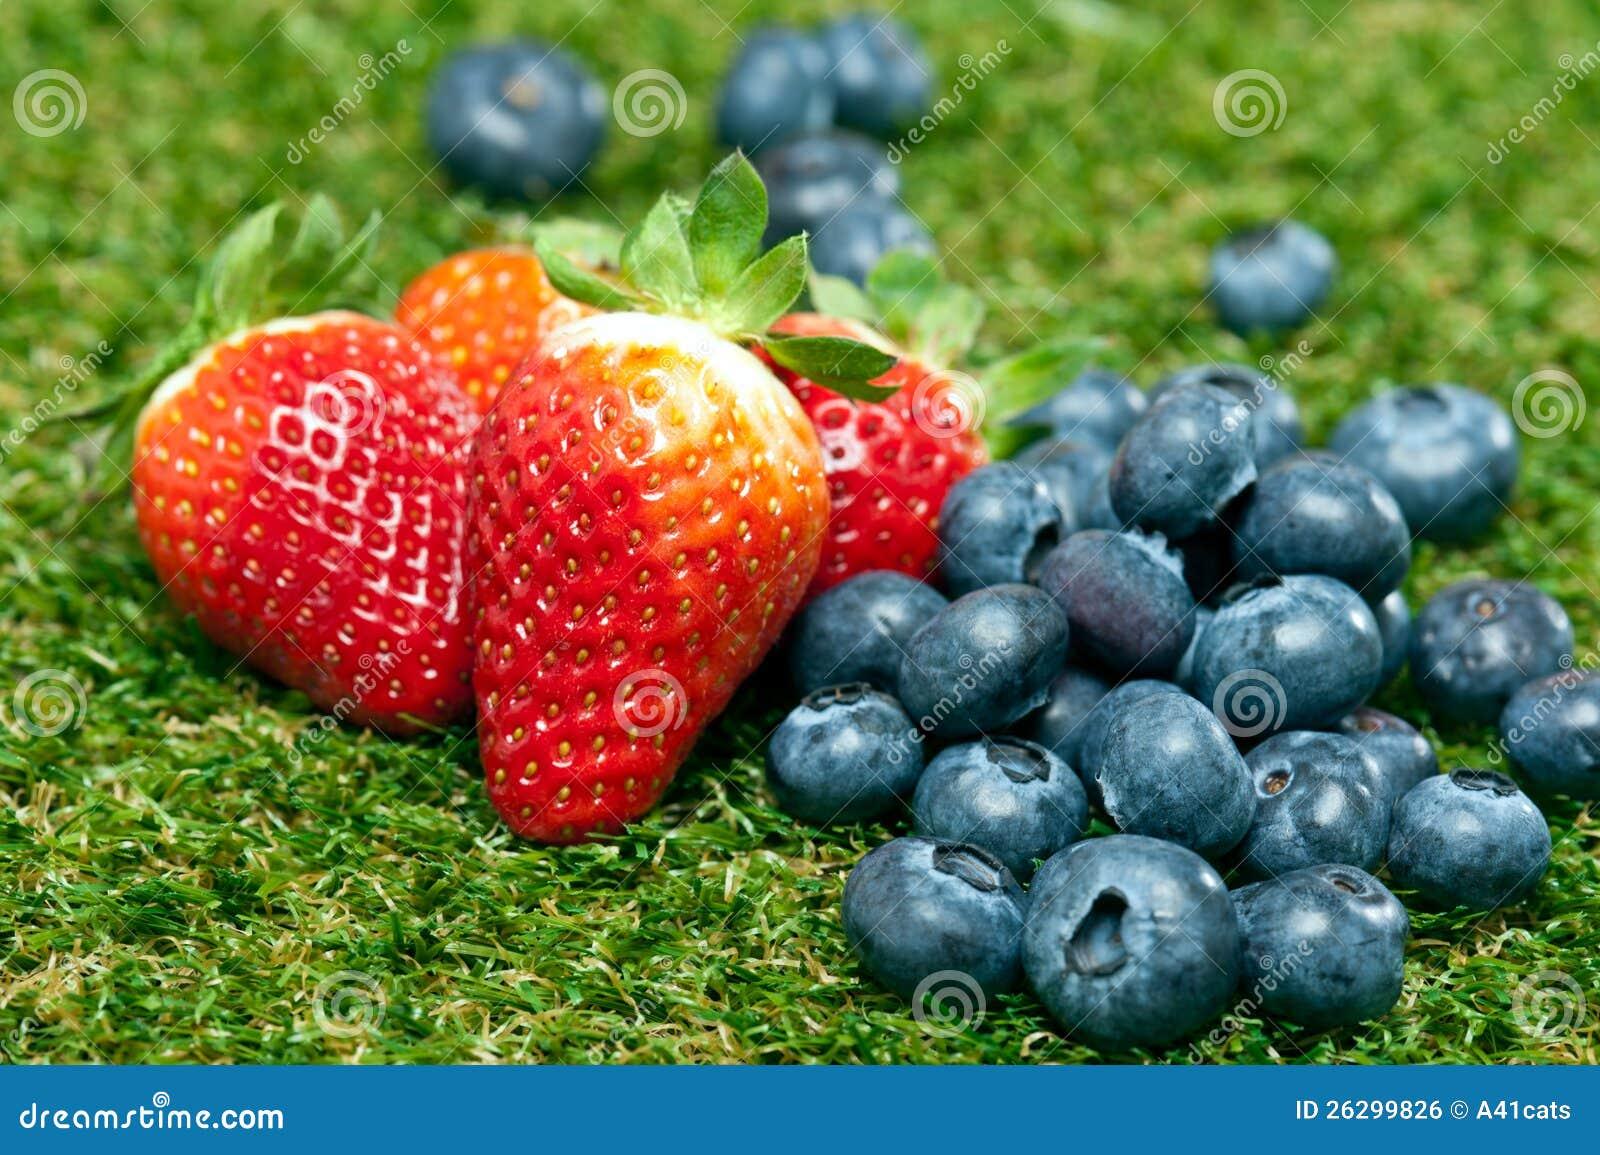 Blåbär och jordgubbar på en lawn